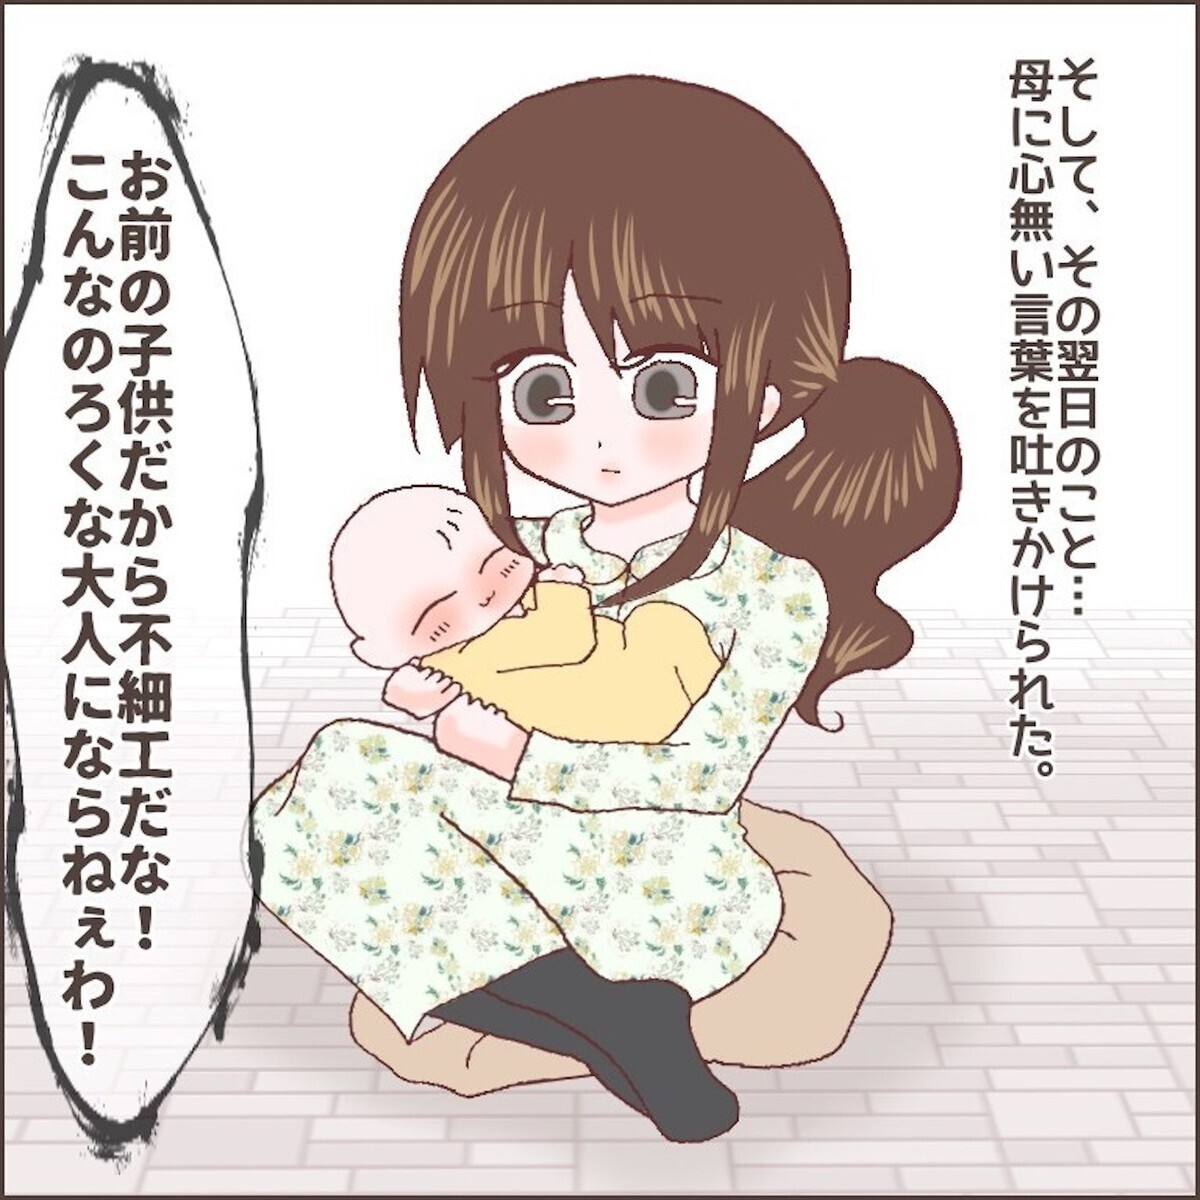 育児が楽な人なんていない!「育児ノイローゼ」になってしまったあるママの体験談に反響の声続々!